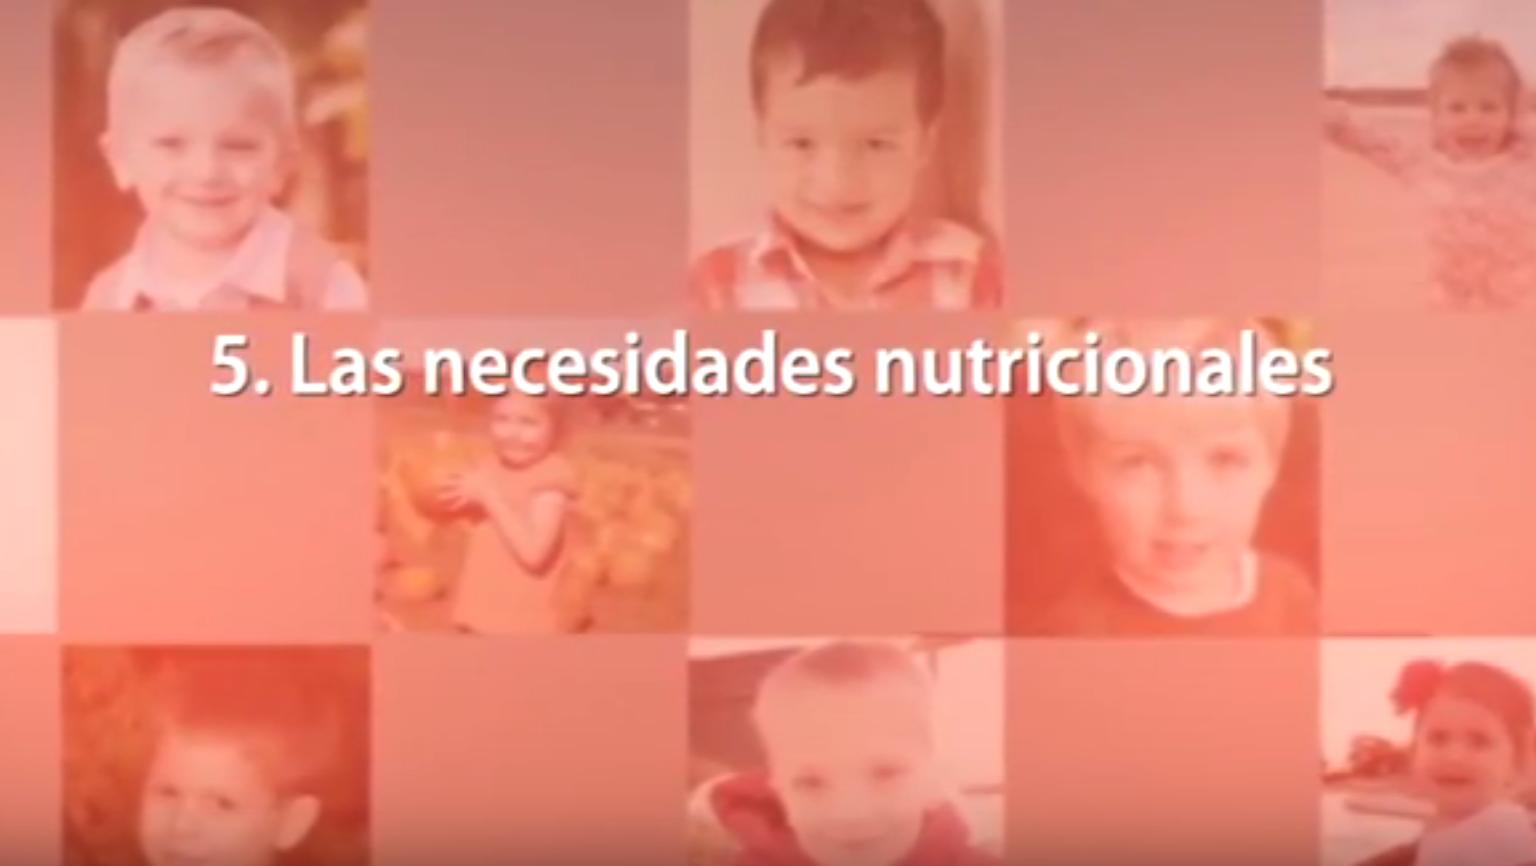 5. Las necesidades nutricionales